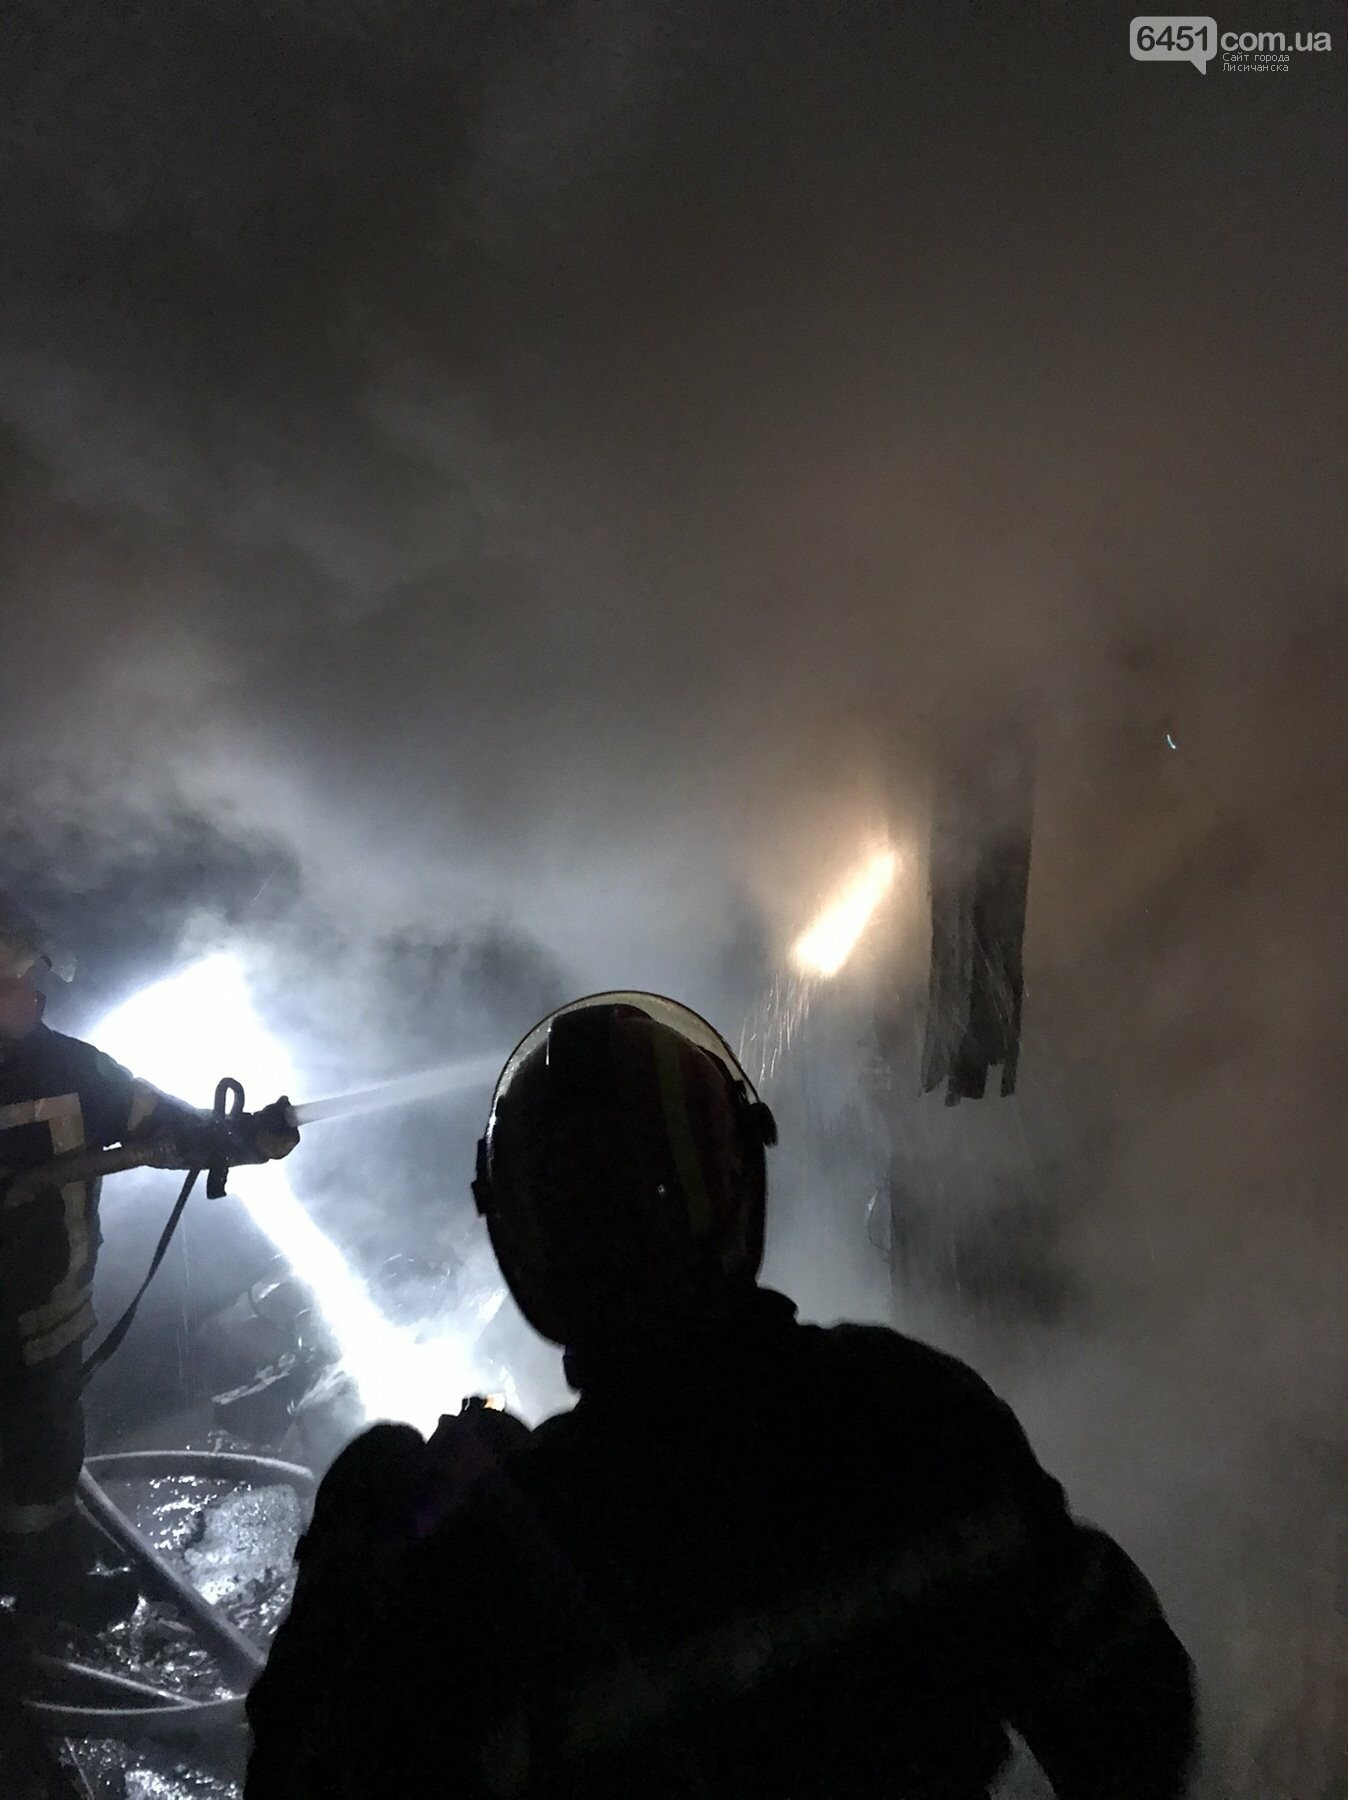 В Кременной ликвидировали возгорание хозяйственного сооружения, фото-2